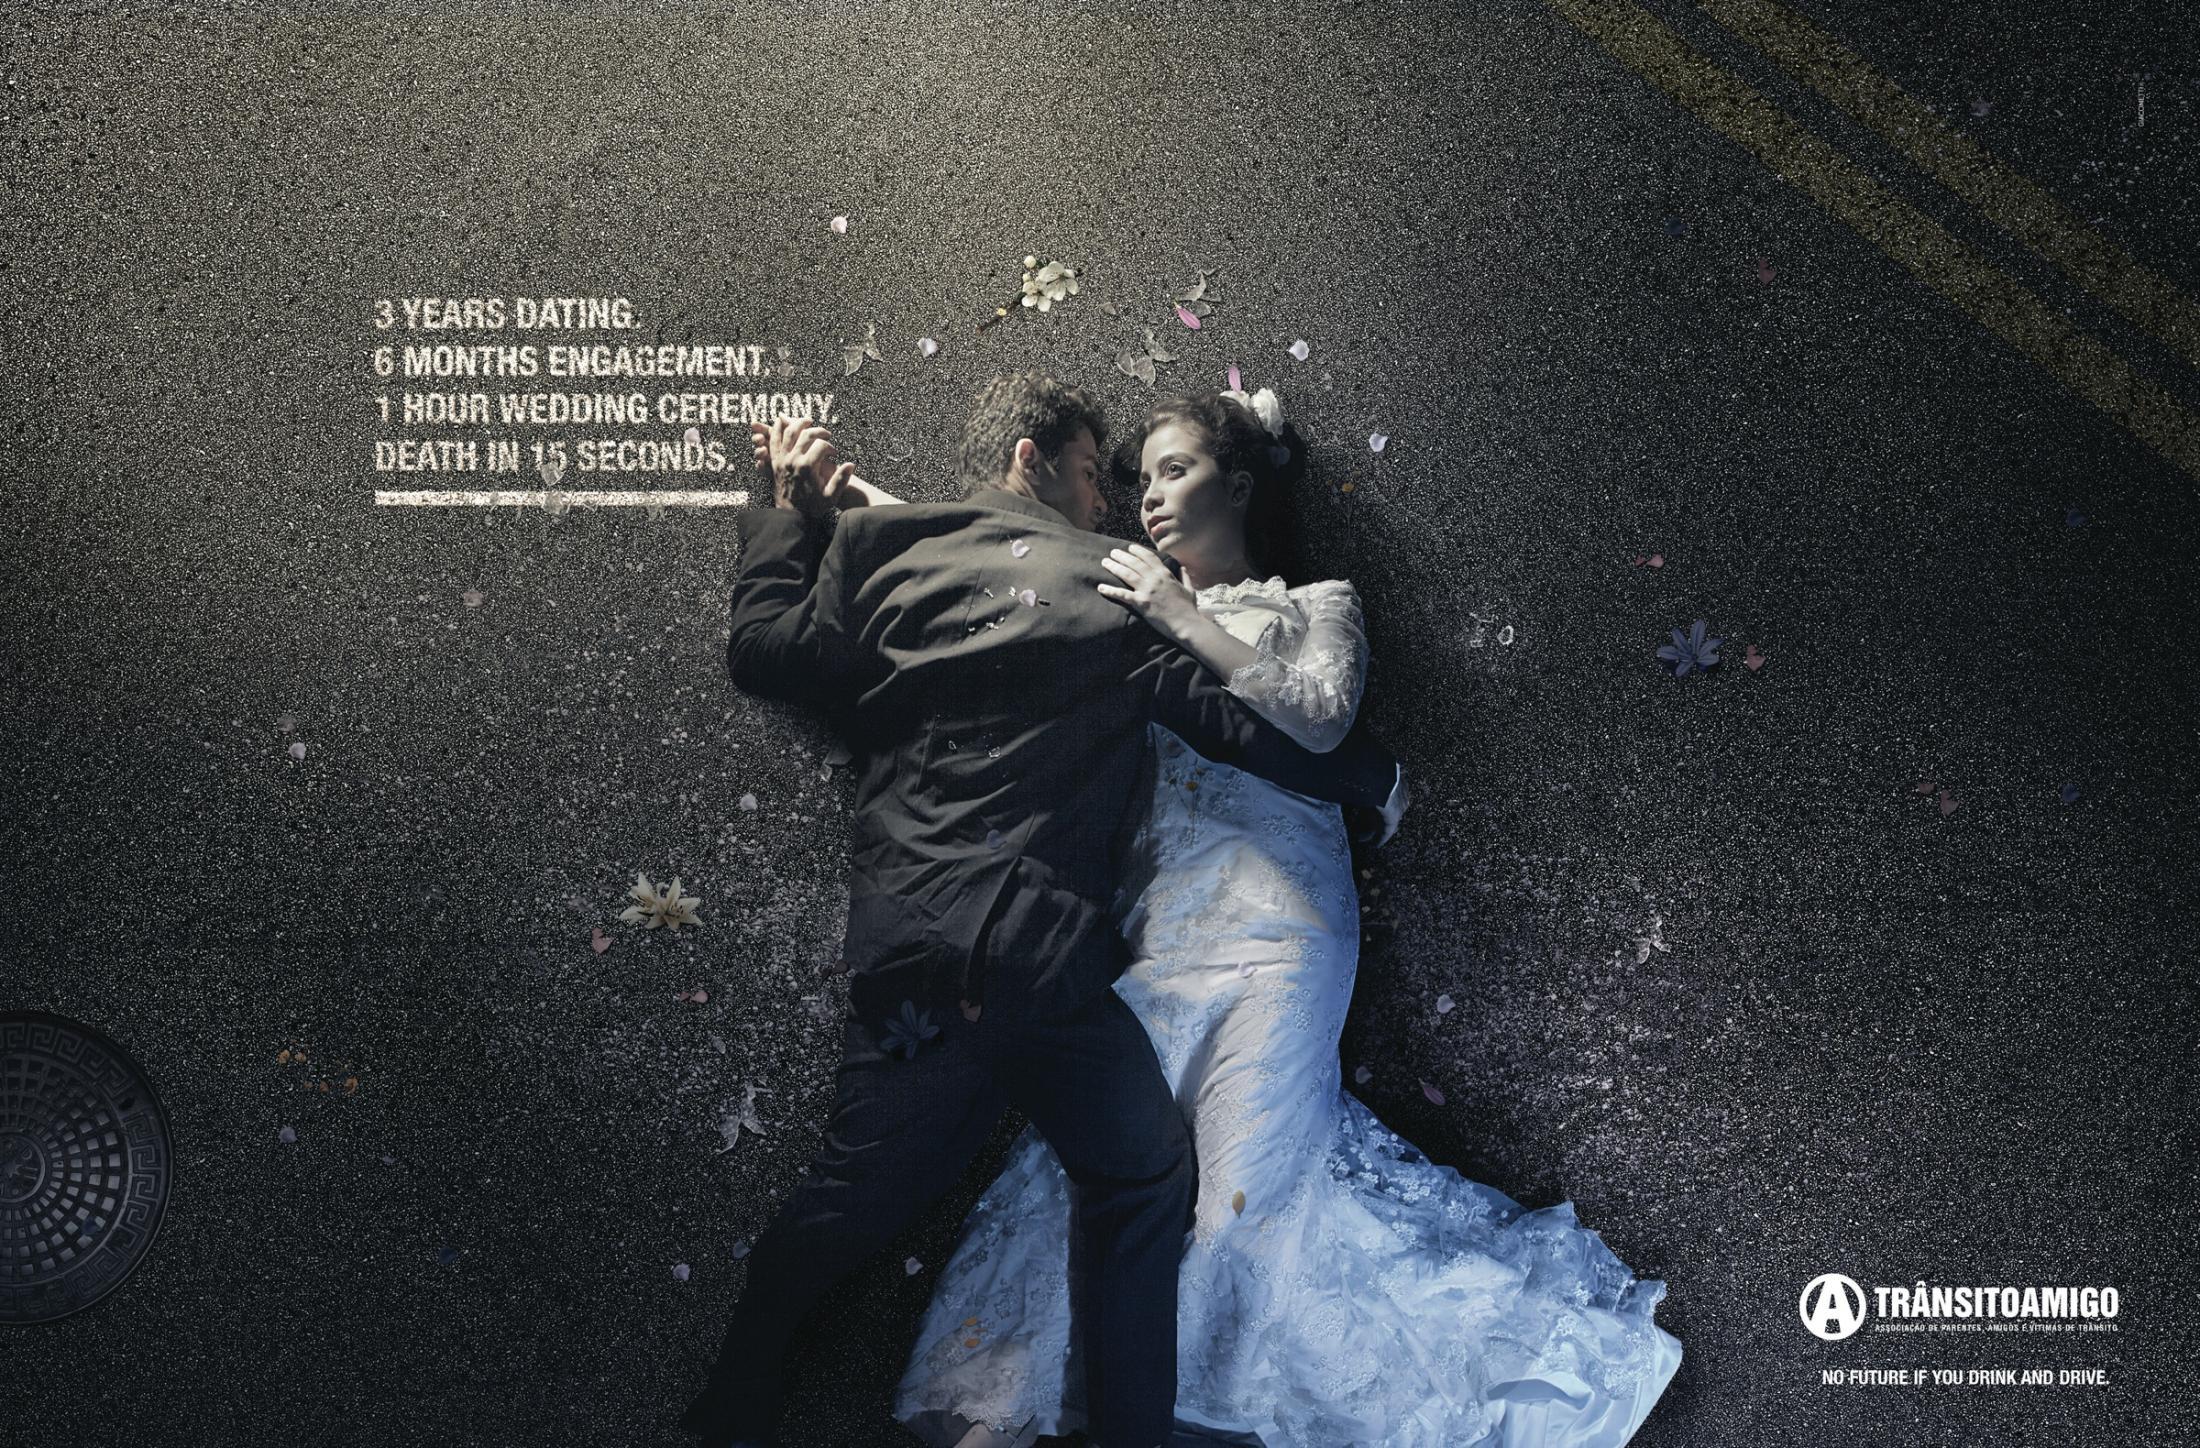 Les plus belles publicités sur le Mariage... pour les fans de Mariés au Premier Regard 4